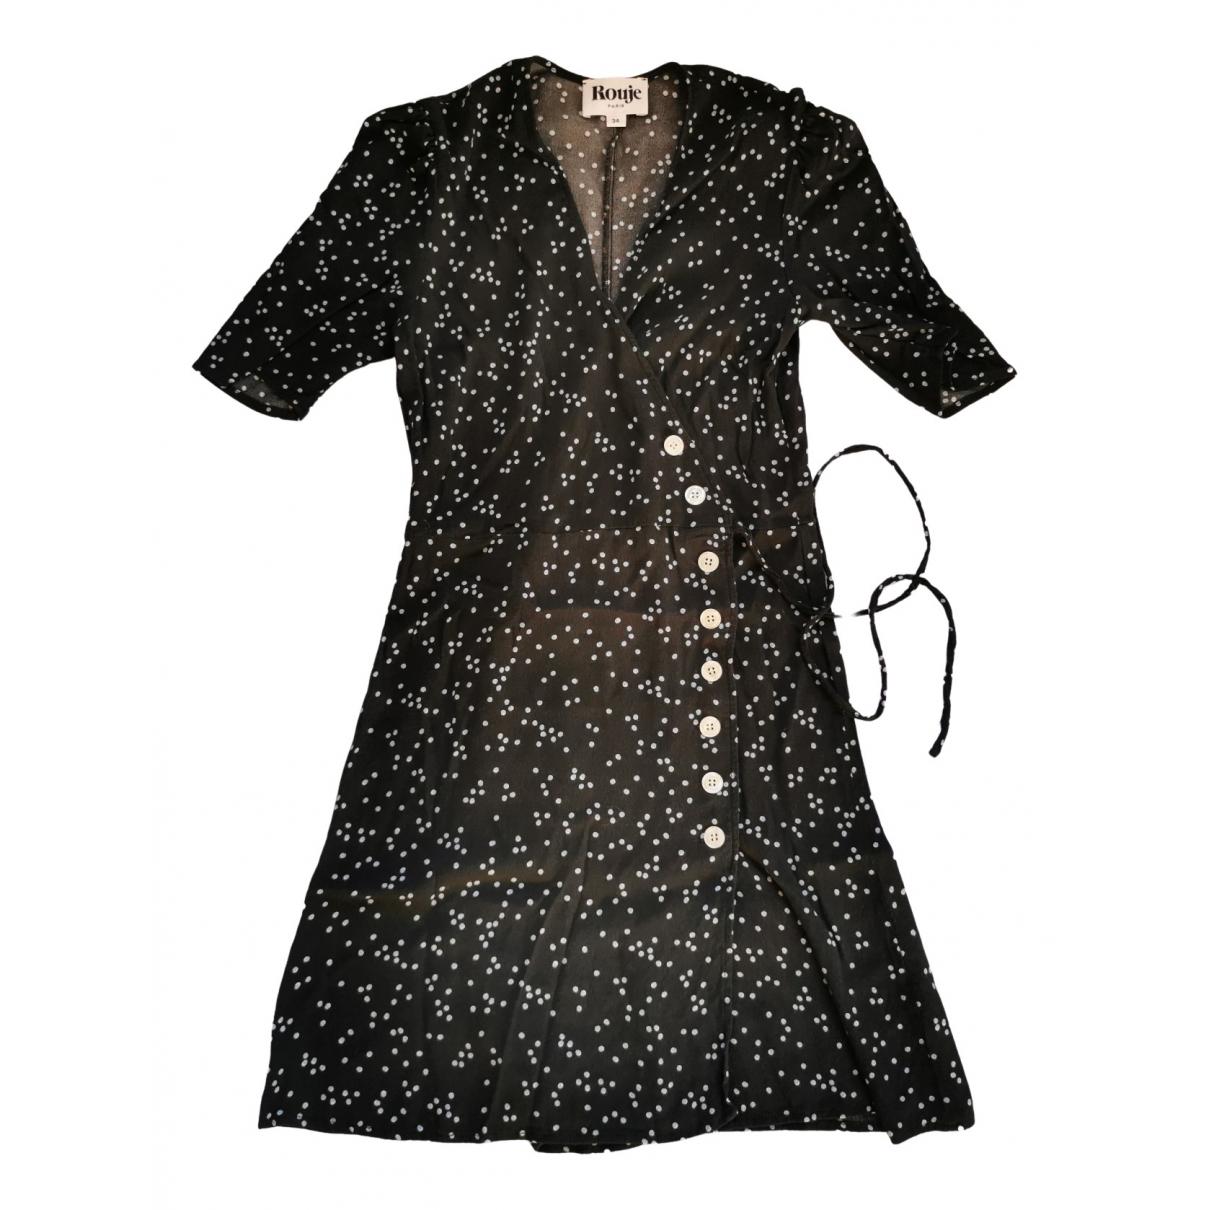 Rouje Gabinette Kleid in  Schwarz Viskose